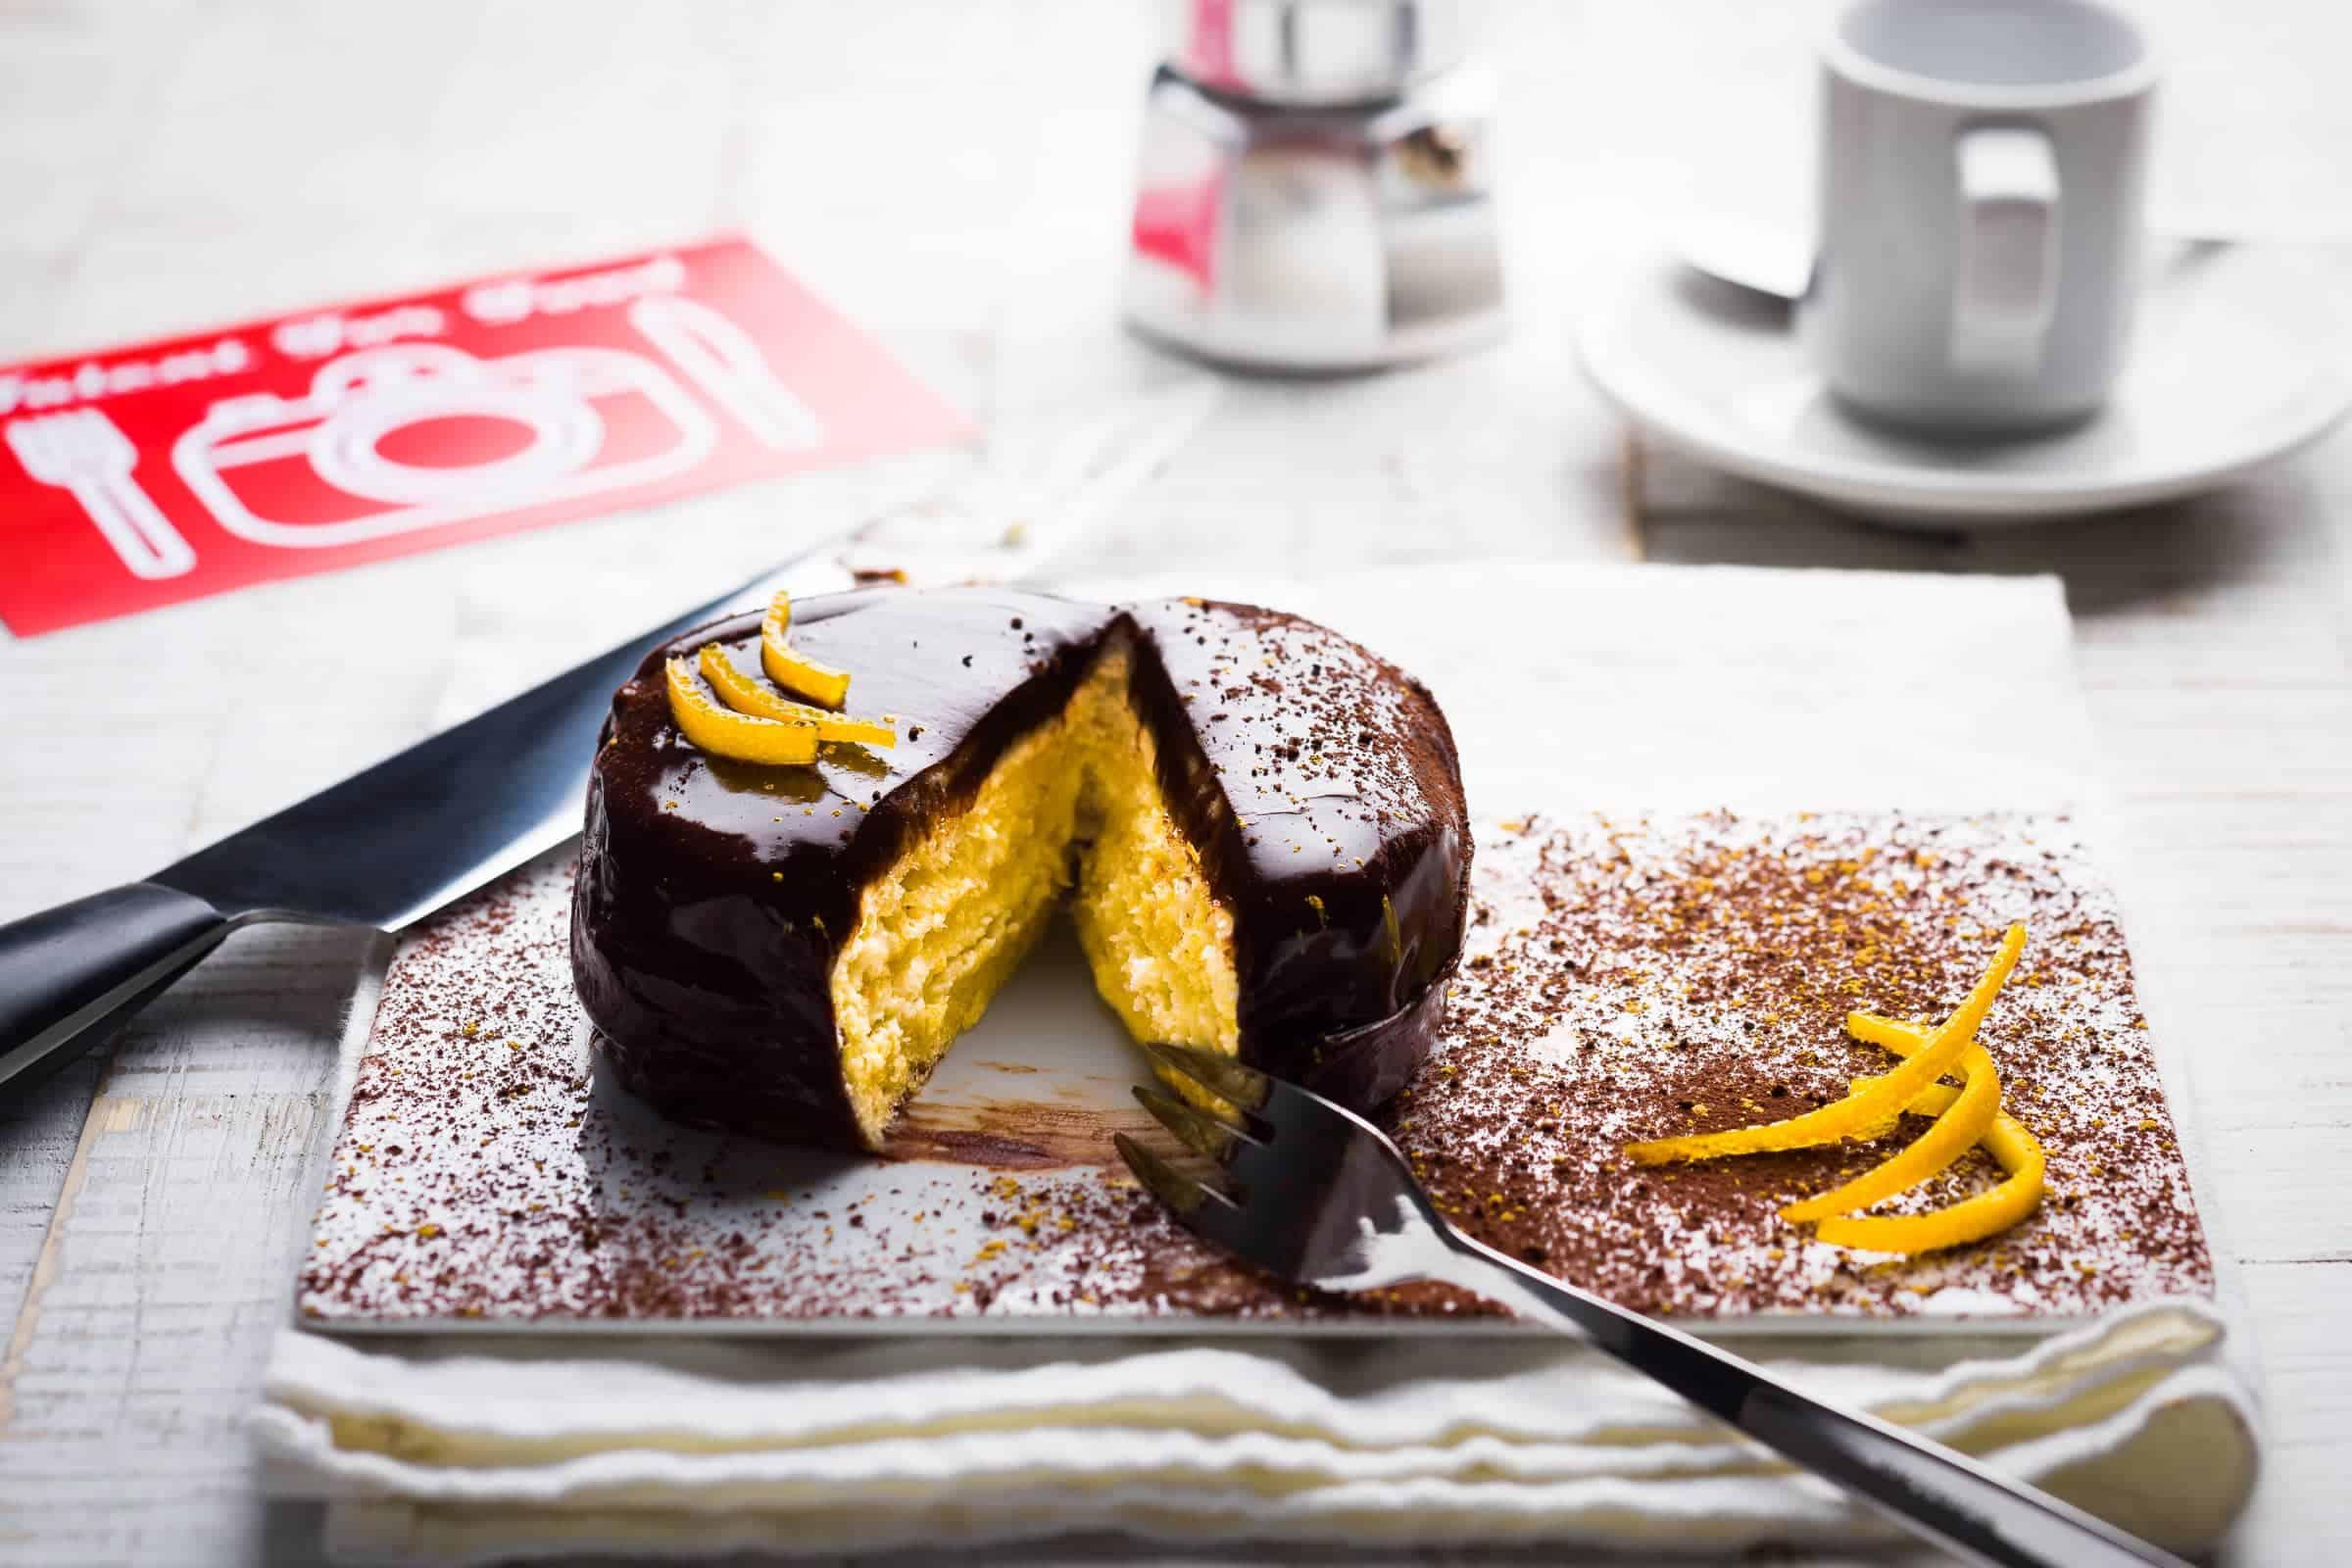 Talent for food - Mattonella soffice con caffe del alpino - Hero - GnamAm.com Web